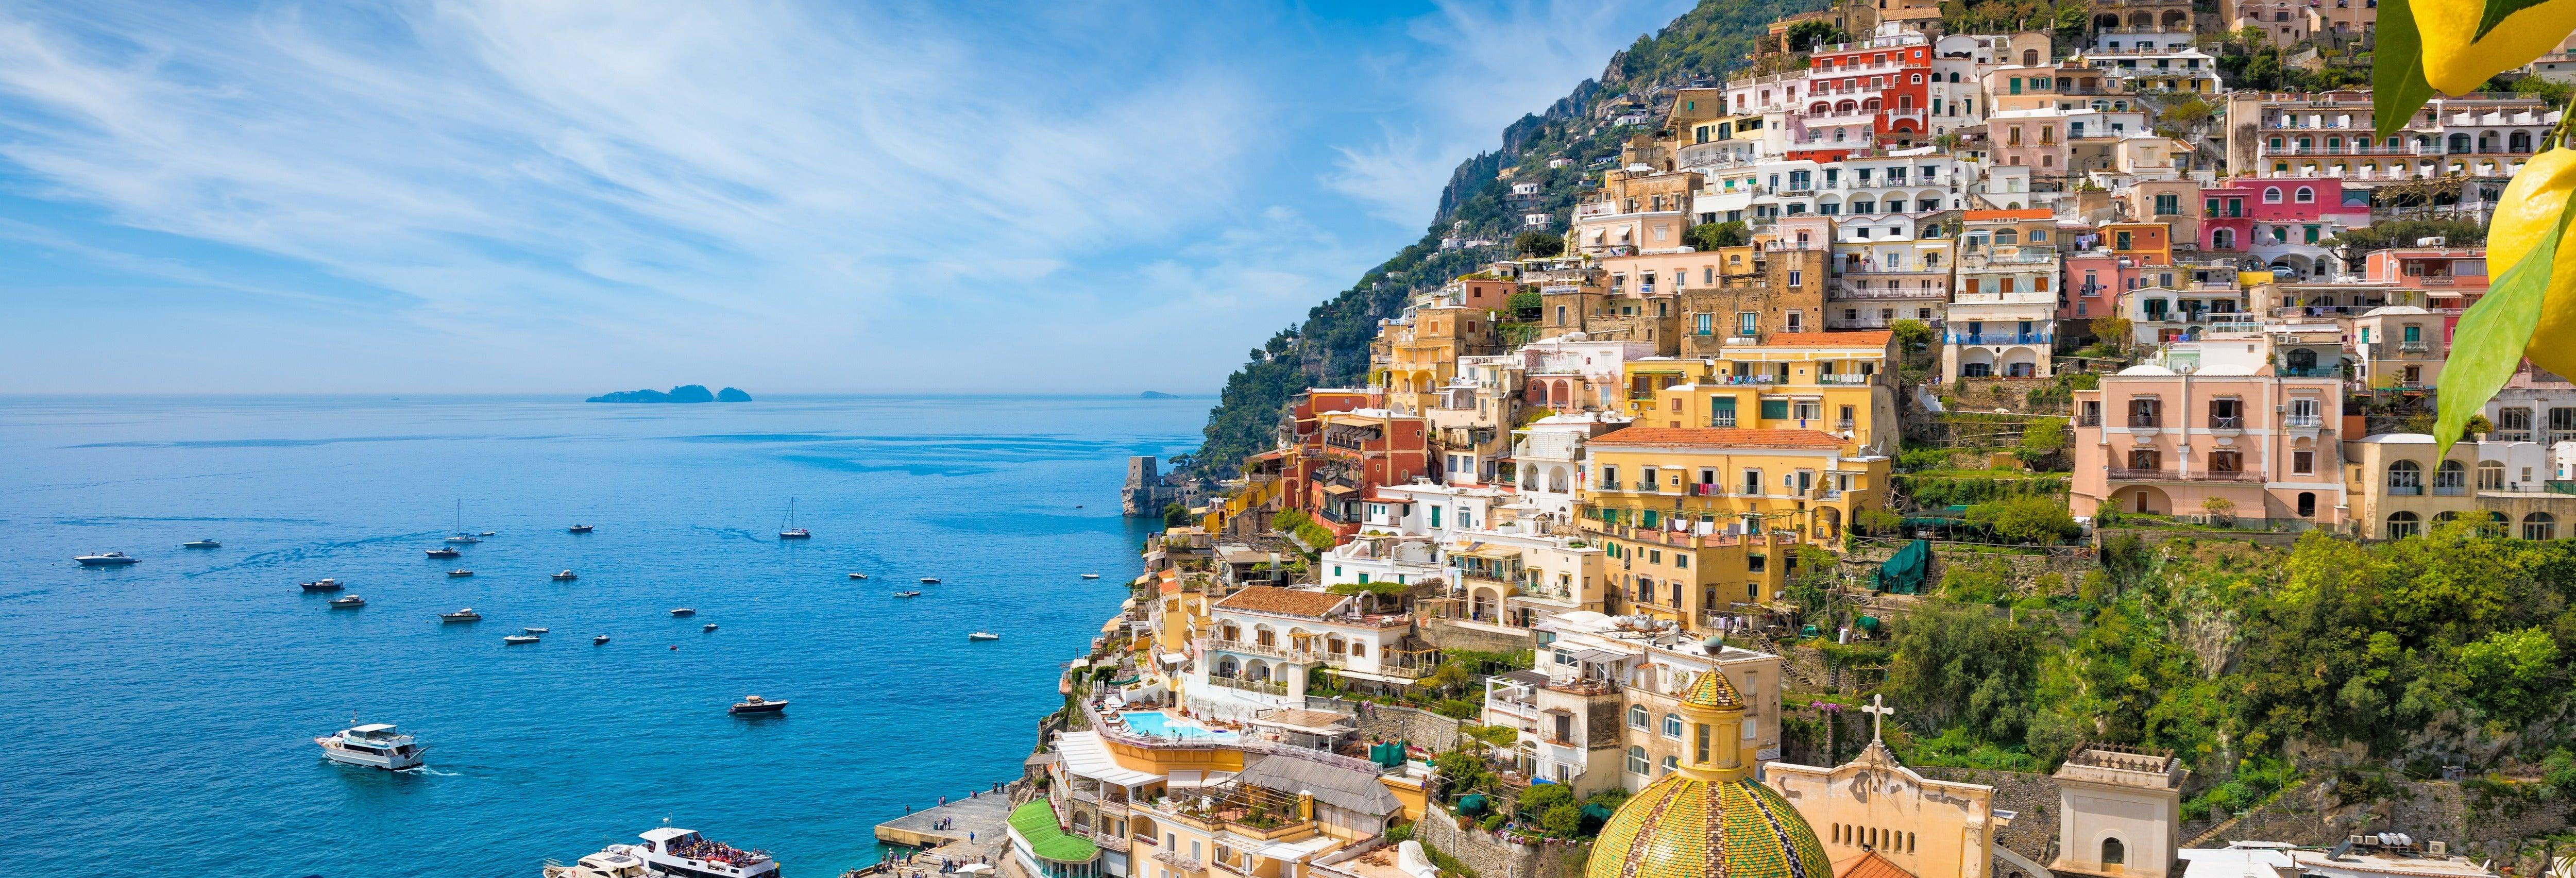 Excursão de barco pela Costa Amalfitana